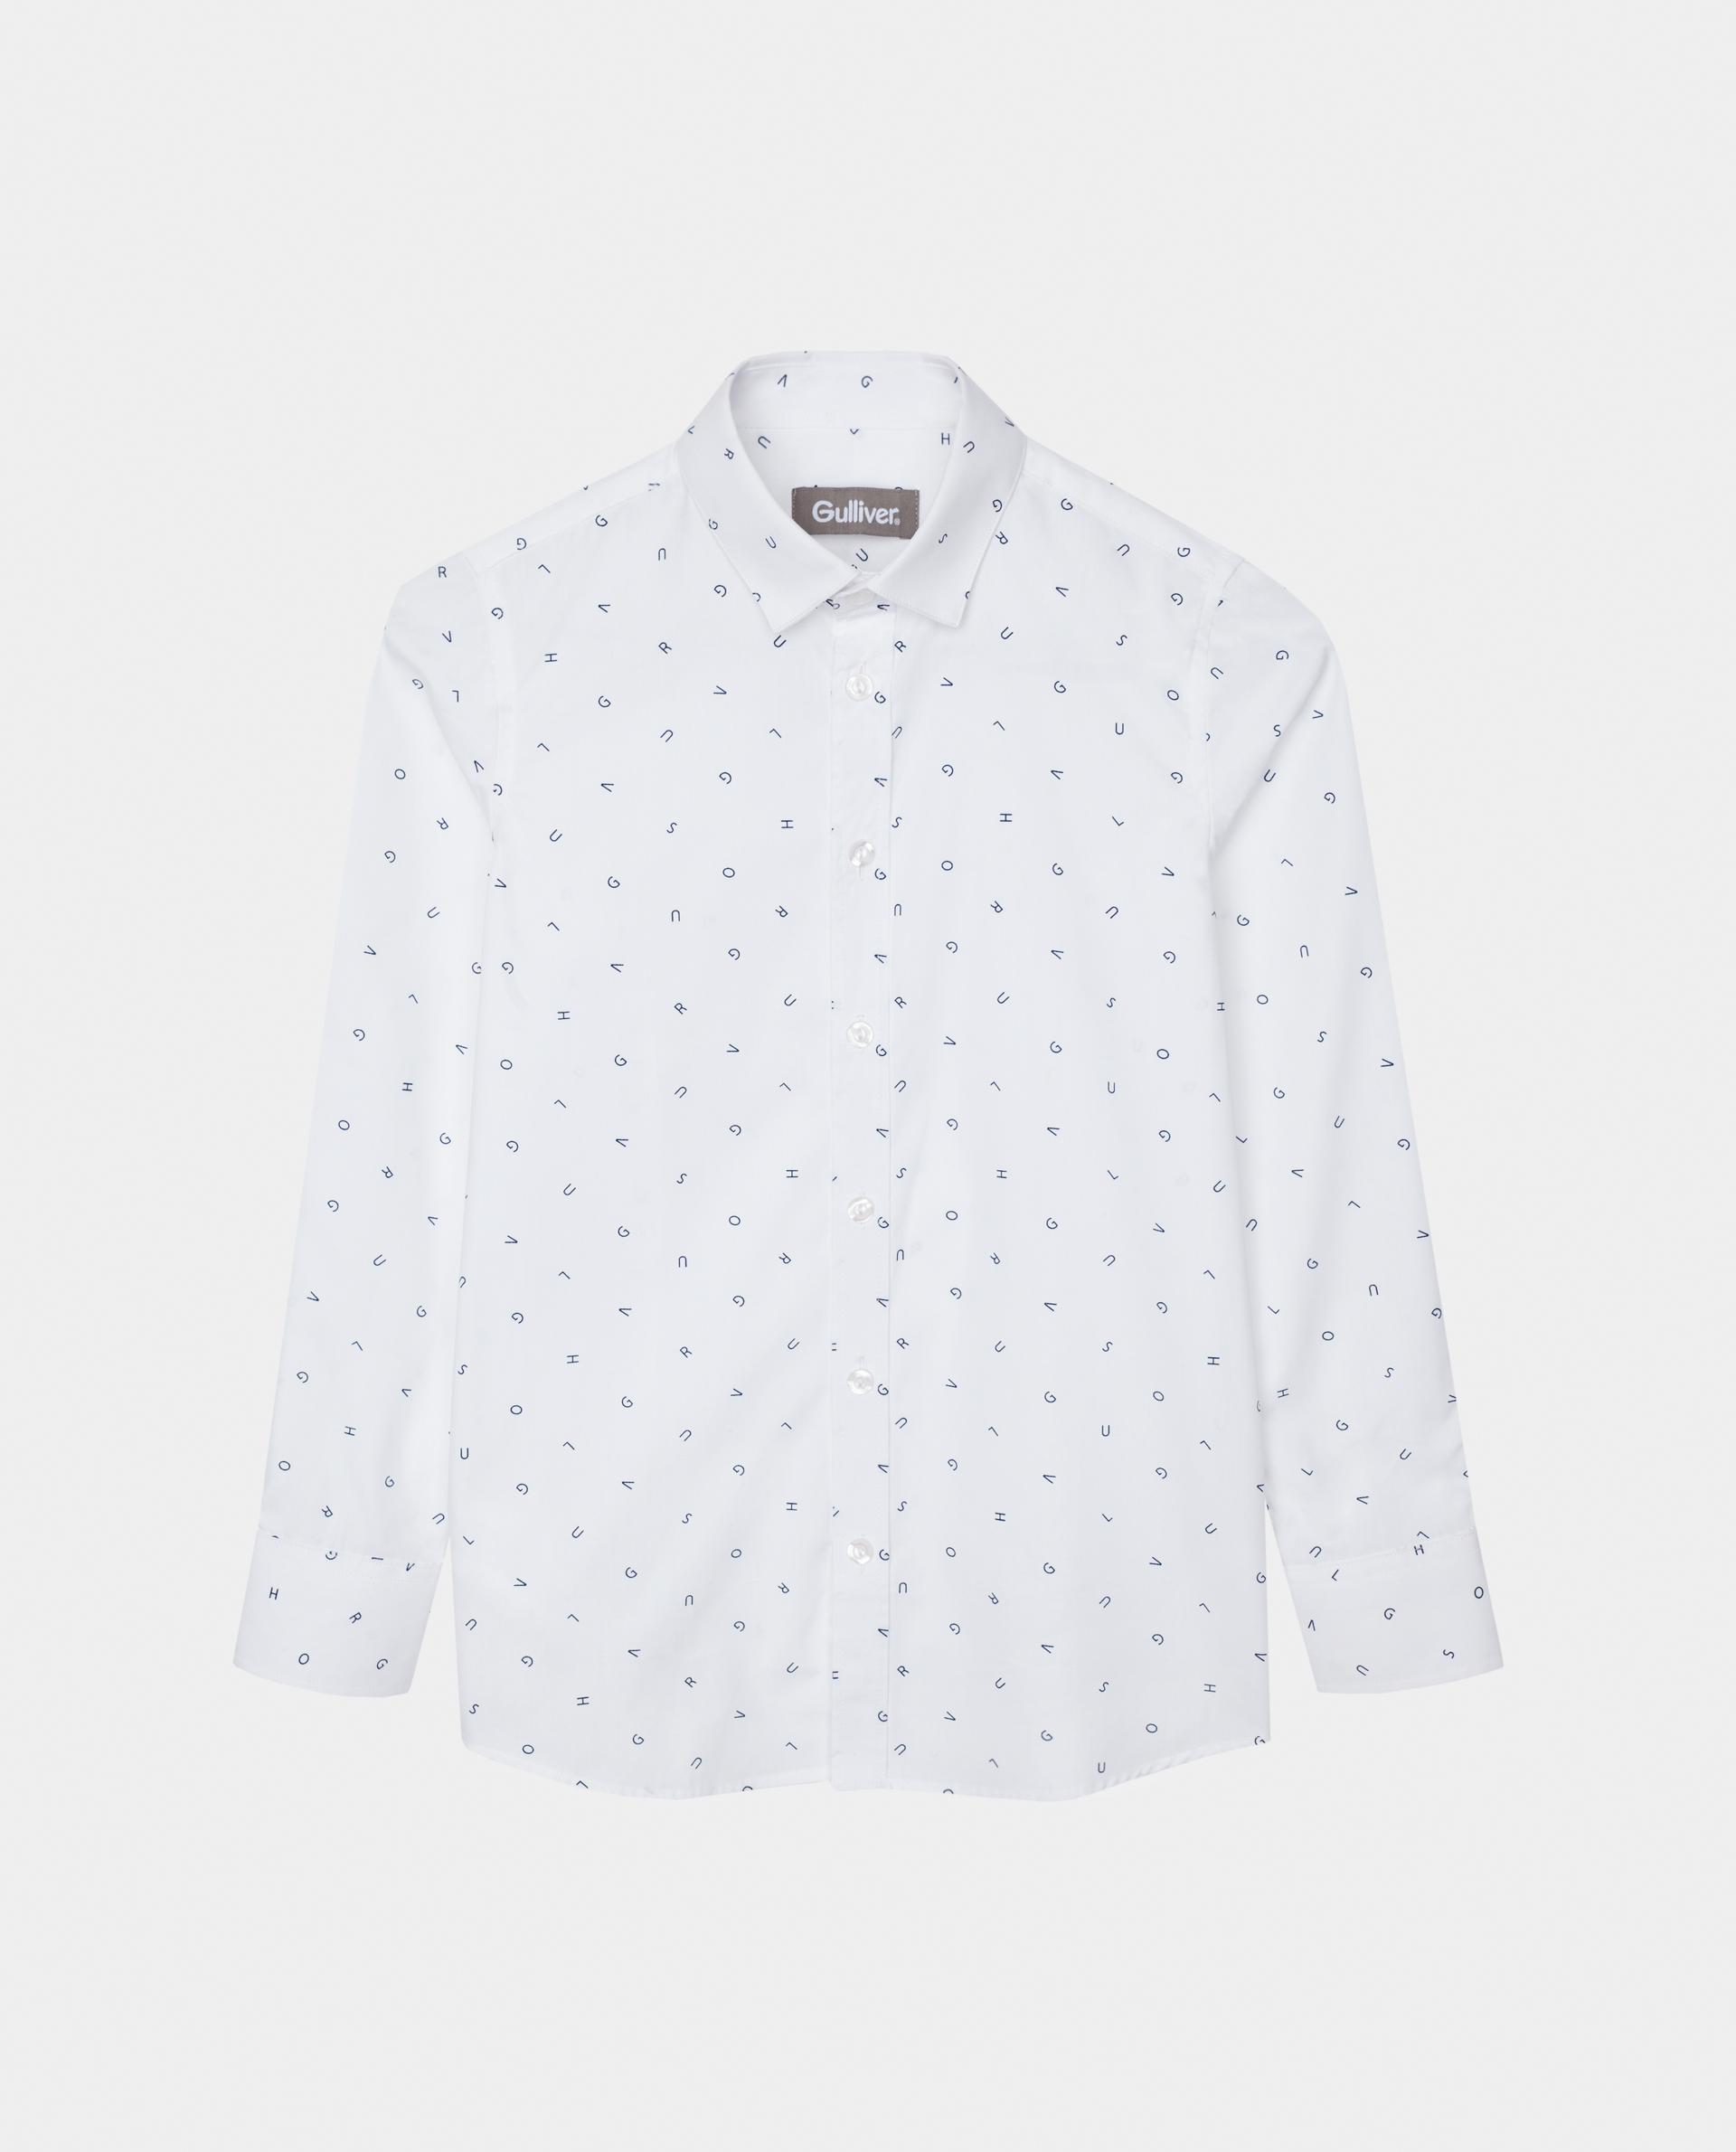 Купить 220GSBC2314, Белая рубашка с принтом Gulliver, белый, 170, Мужской, Демисезон, ШКОЛЬНАЯ ФОРМА 2020-2021 (shop: GulliverMarket Gulliver Market)